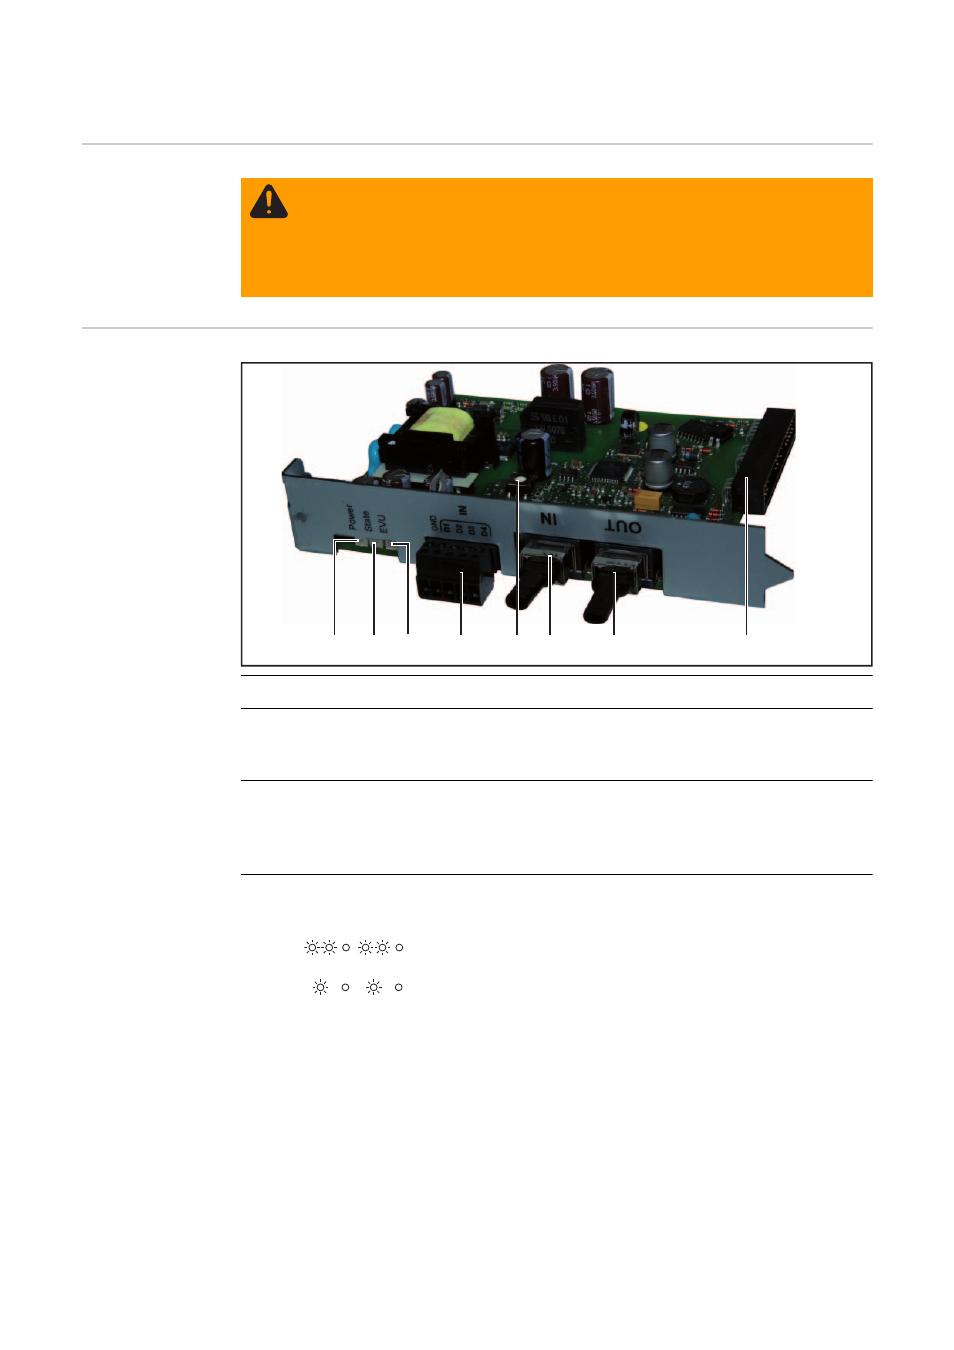 Bedienelemente, anschlüsse und anzeigen | Fronius Power Control Card ...